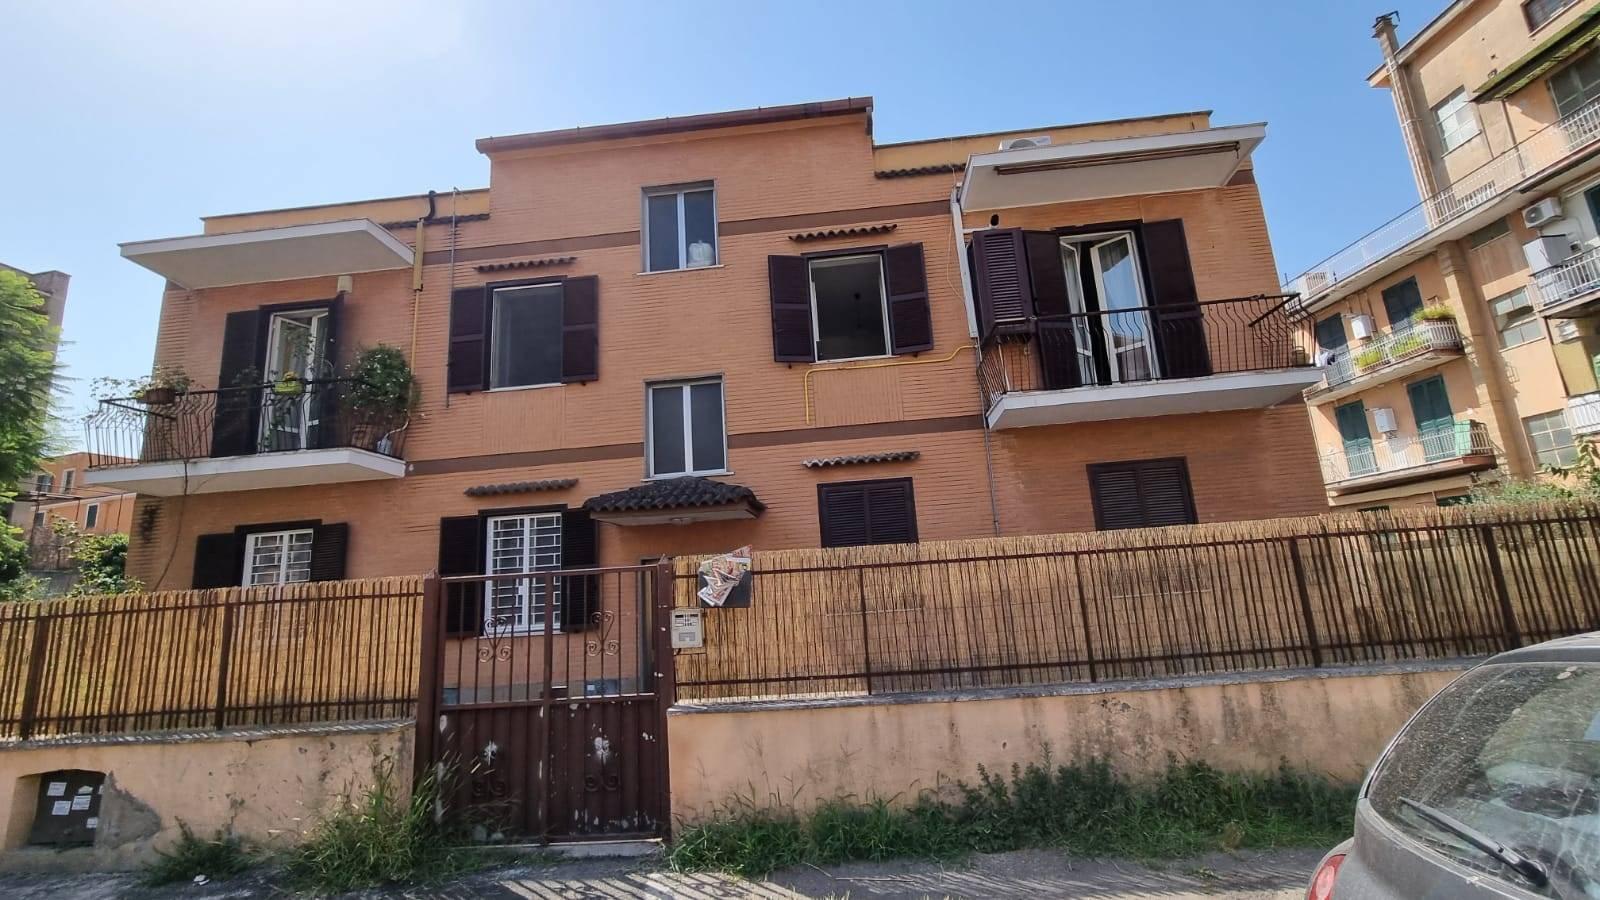 Casal De Pazzi Via Giovanni Battista Scanaroli a 600 metri dalla metro Rebibbia in piccolo stabile in cortina proponiamo in affitto appartamento di